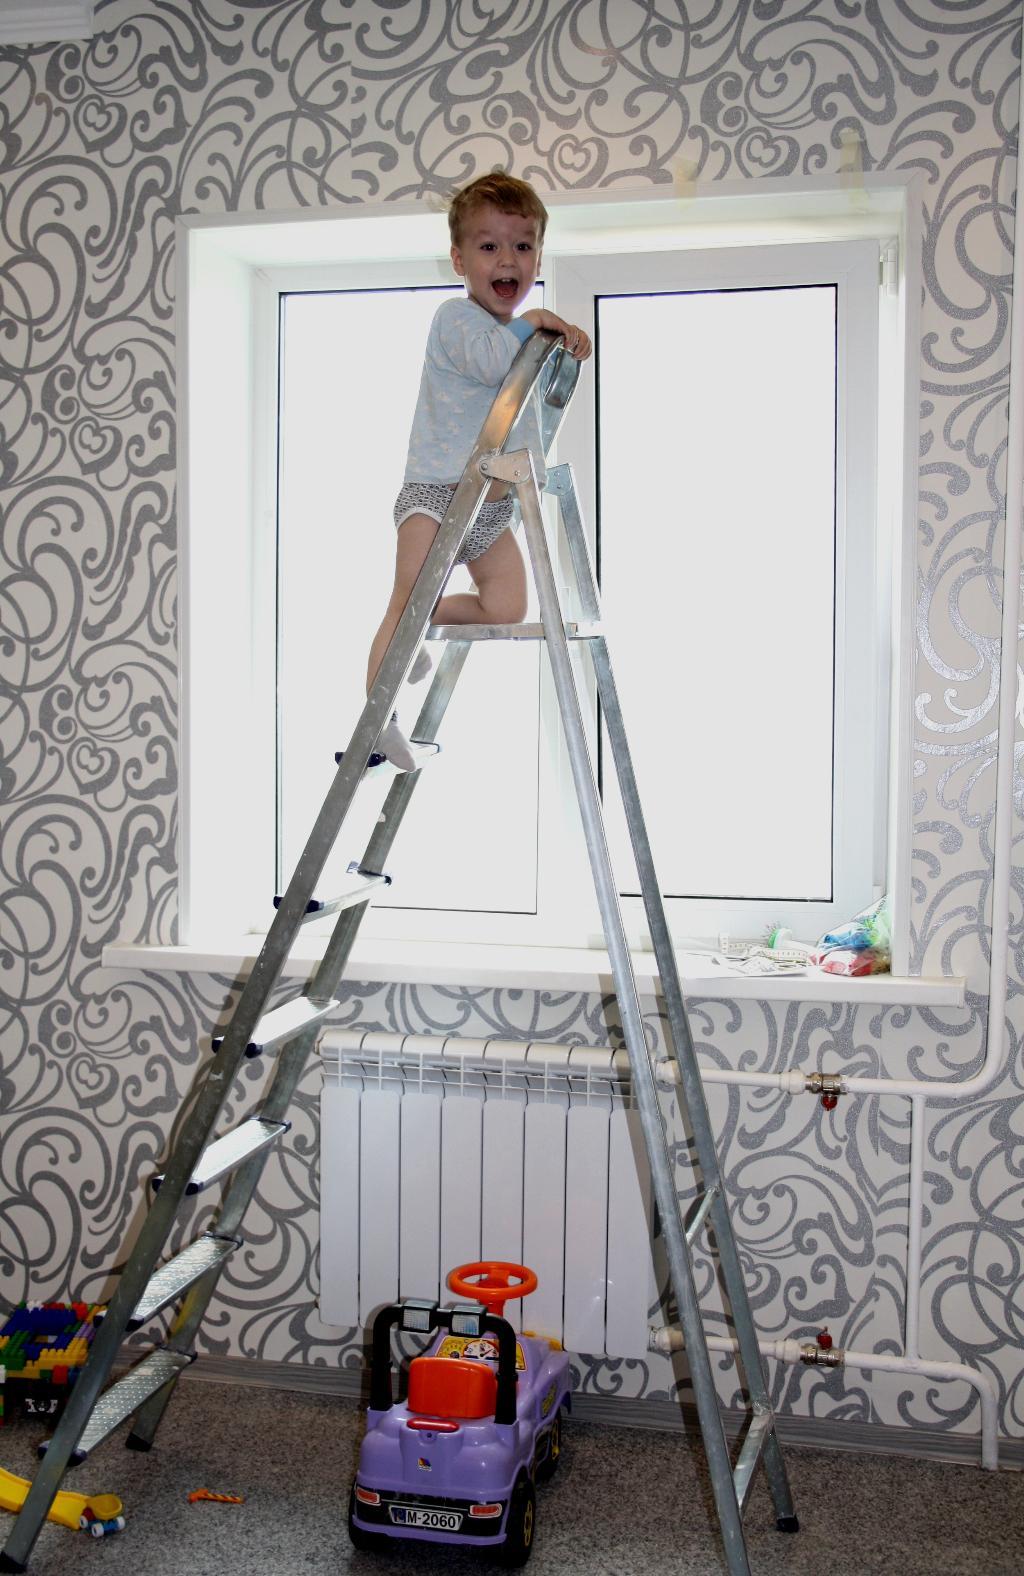 Мама-неси шторы-я готов их уже повесить!!!!. Помогаем маме!